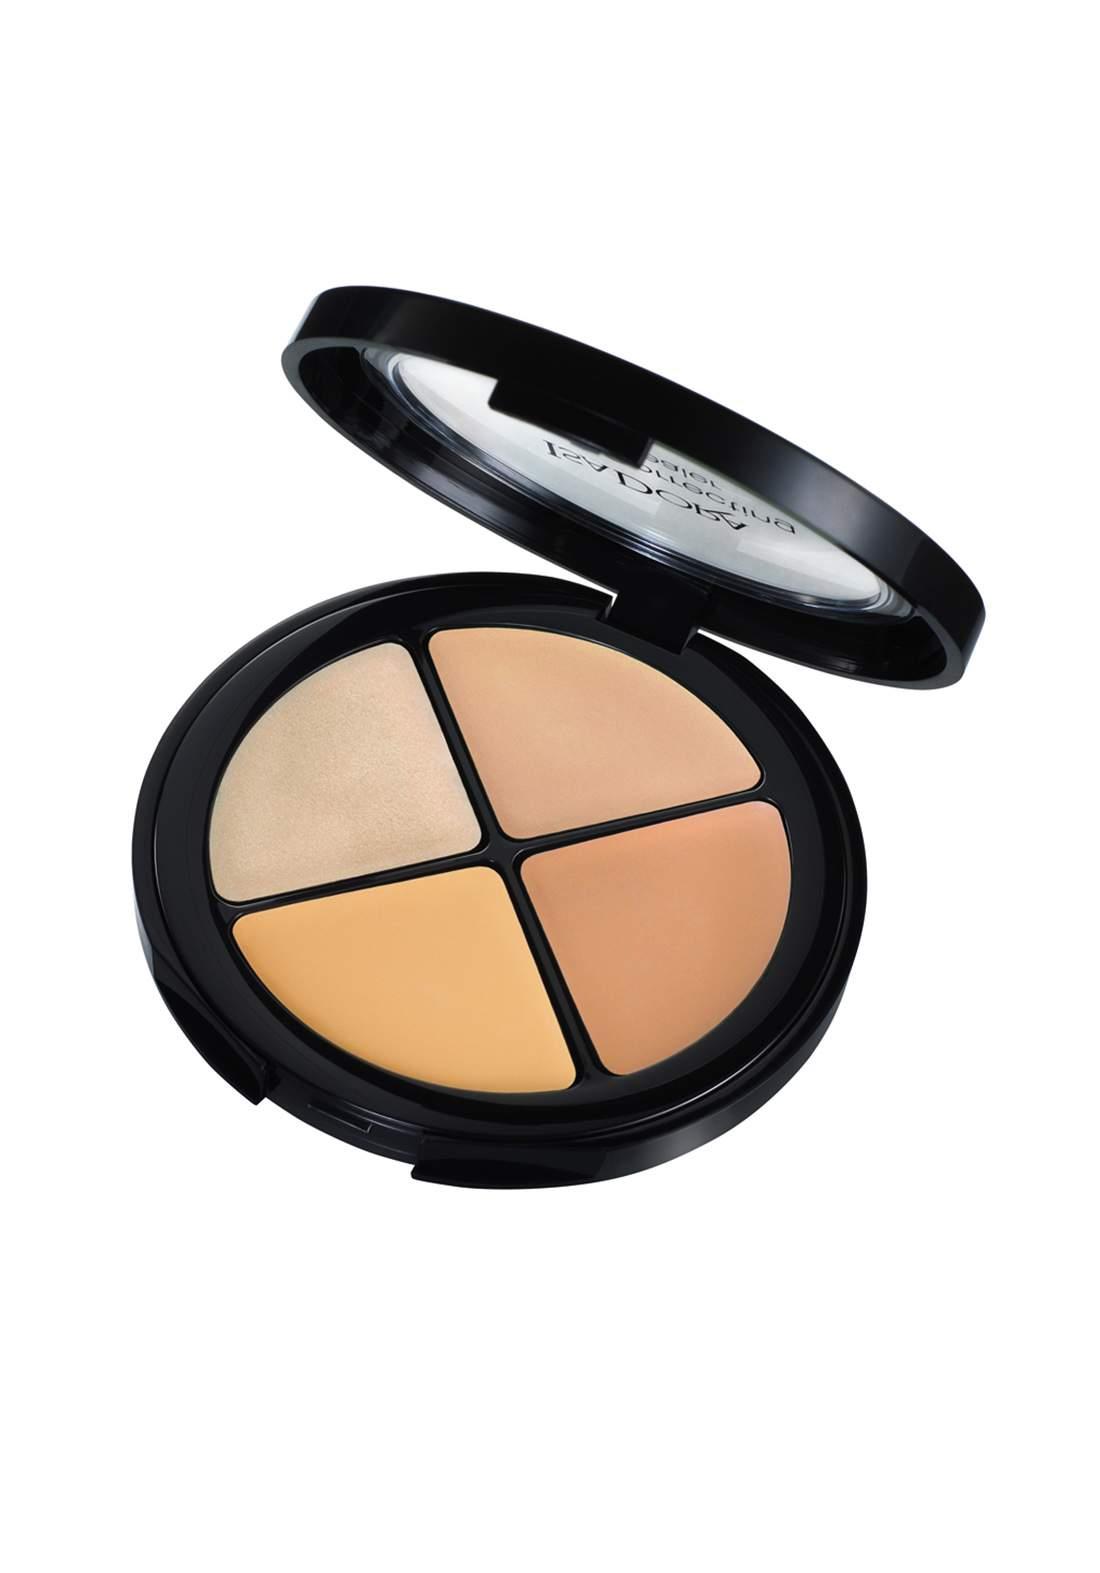 IsaDora 314280 Color Correcting Concealer - Neutral No.32 خافي عيوب و مصحح لون البشرة